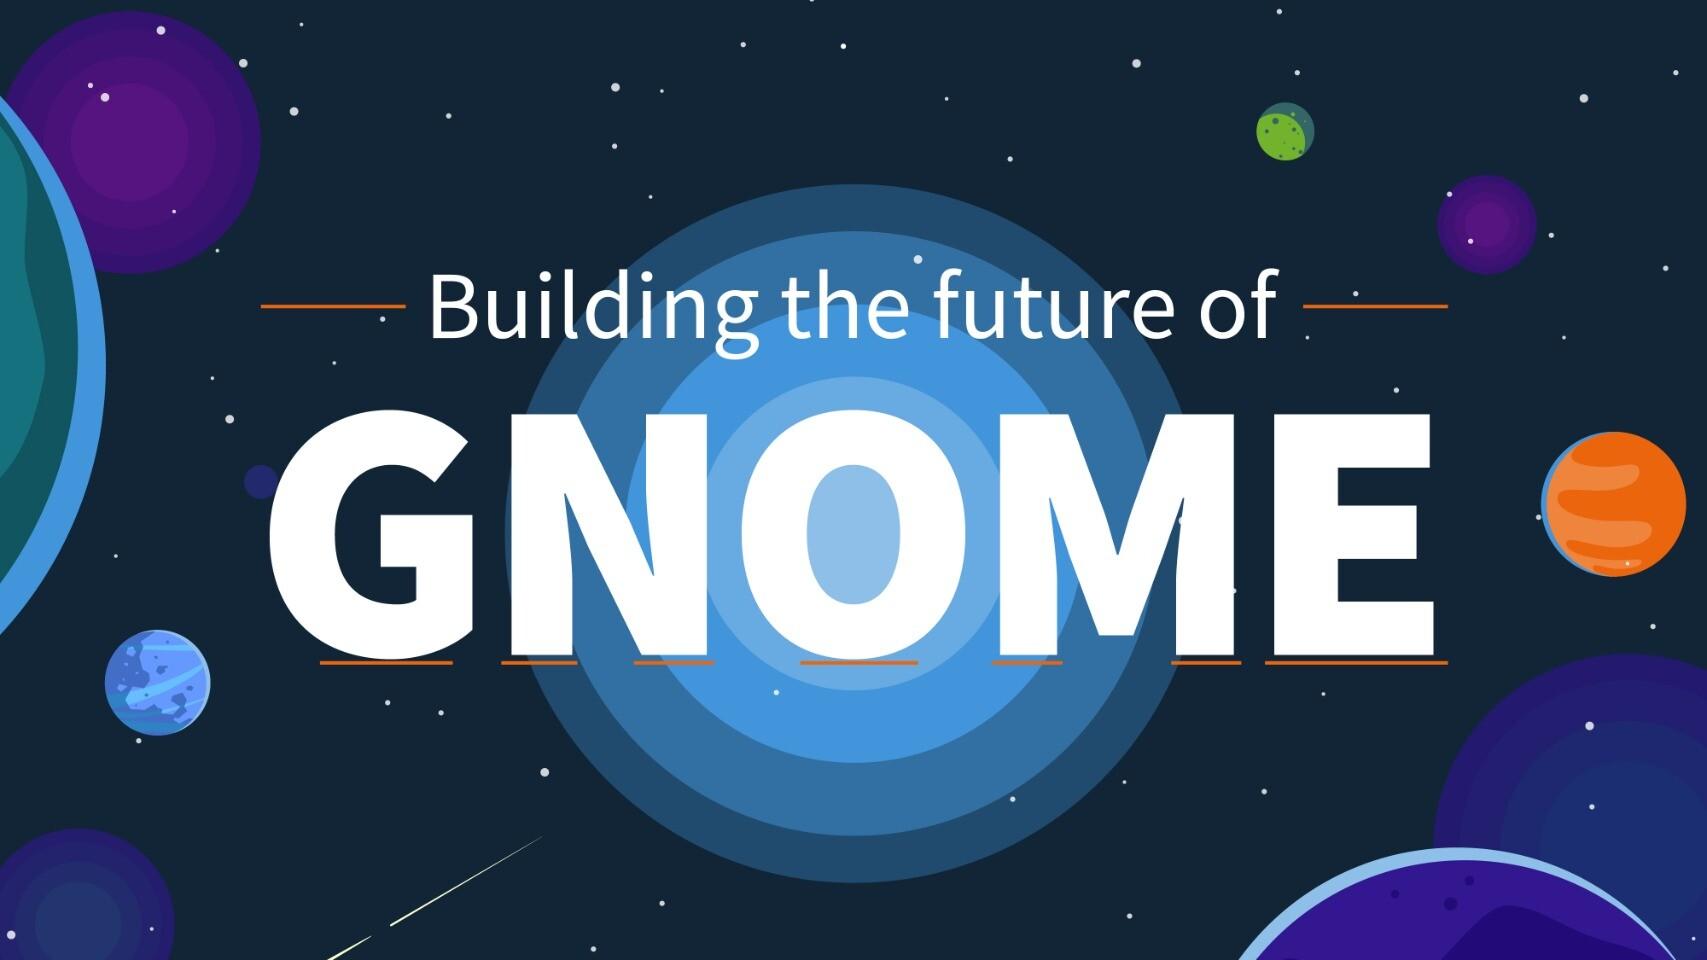 building the future of GNOME